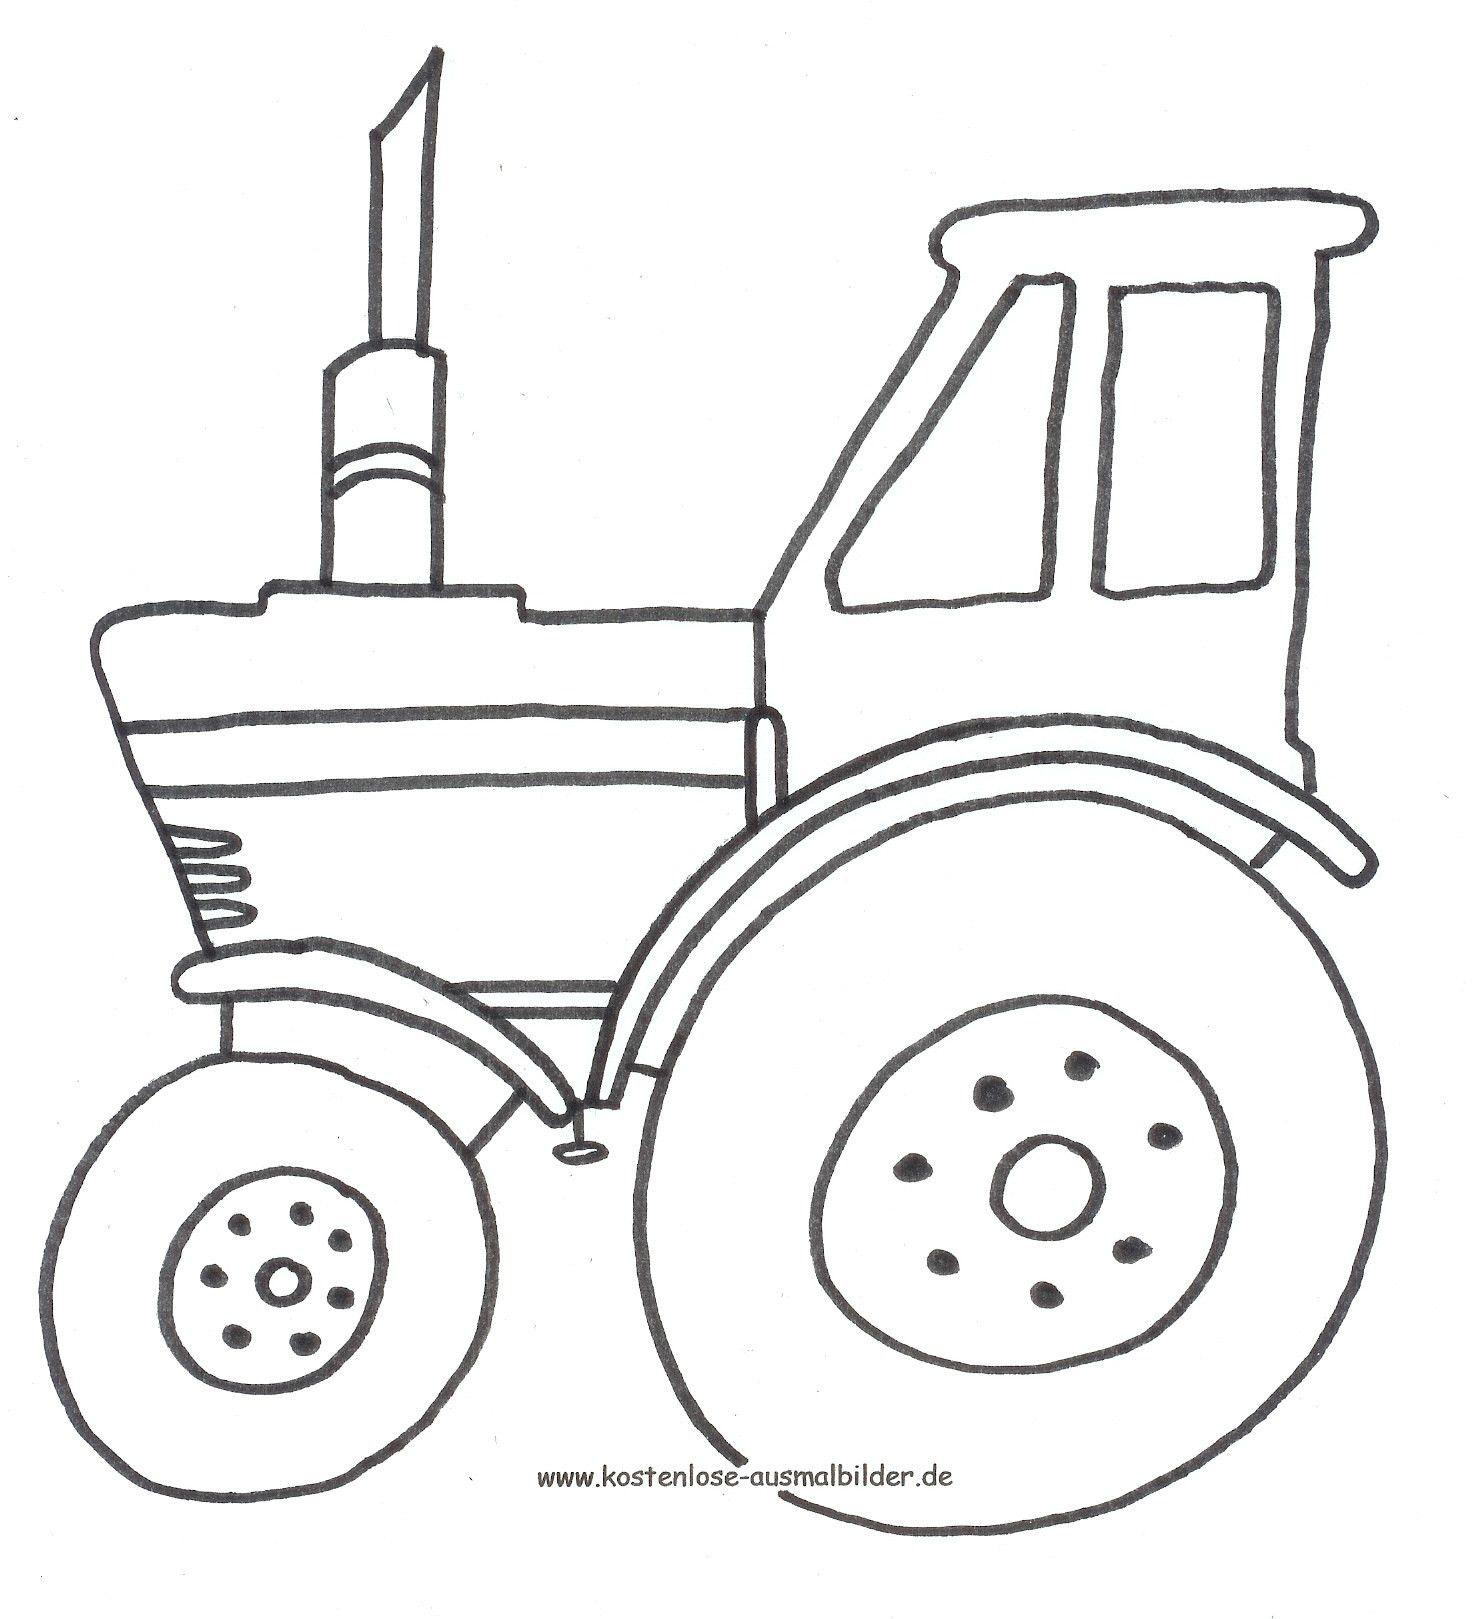 99 neu ausmalbilder traktor mit frontlader fotografieren